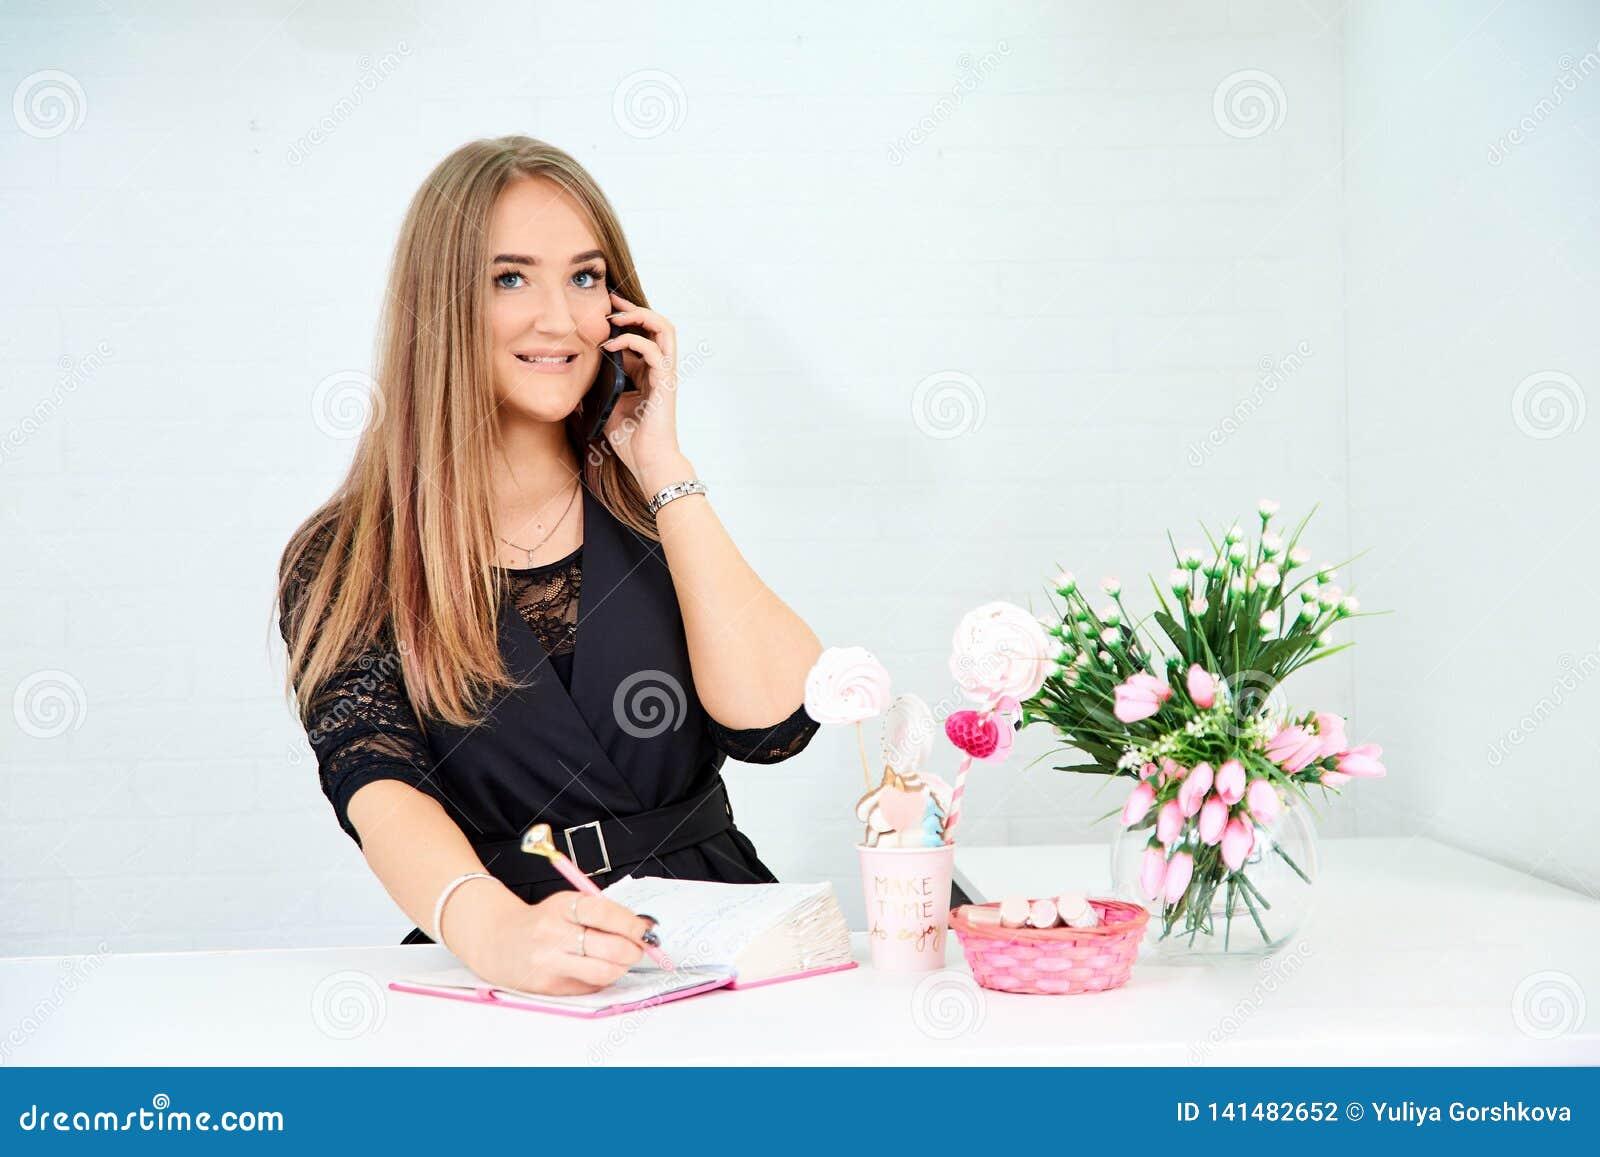 красивая европейская девушка принимает звонок по телефону и пишет в тетради на белой предпосылке Рядом цветки и